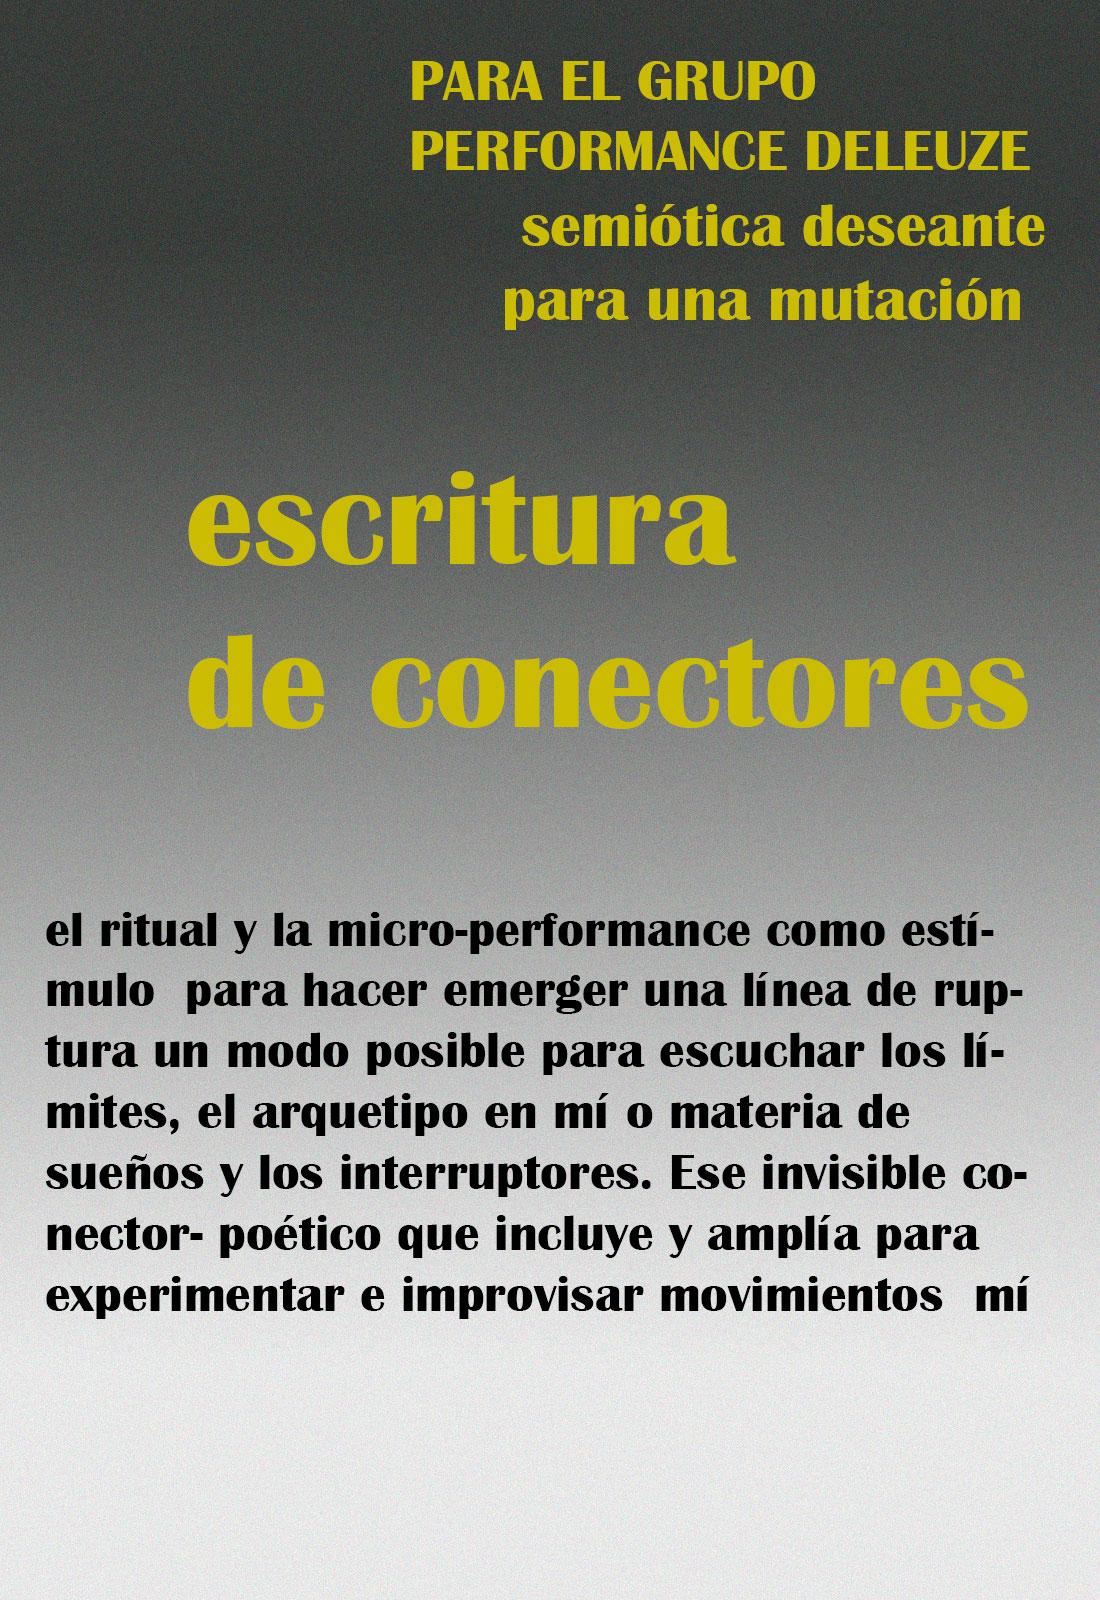 http://medicinayarte.com/img/escritura-de-conectores.jpg